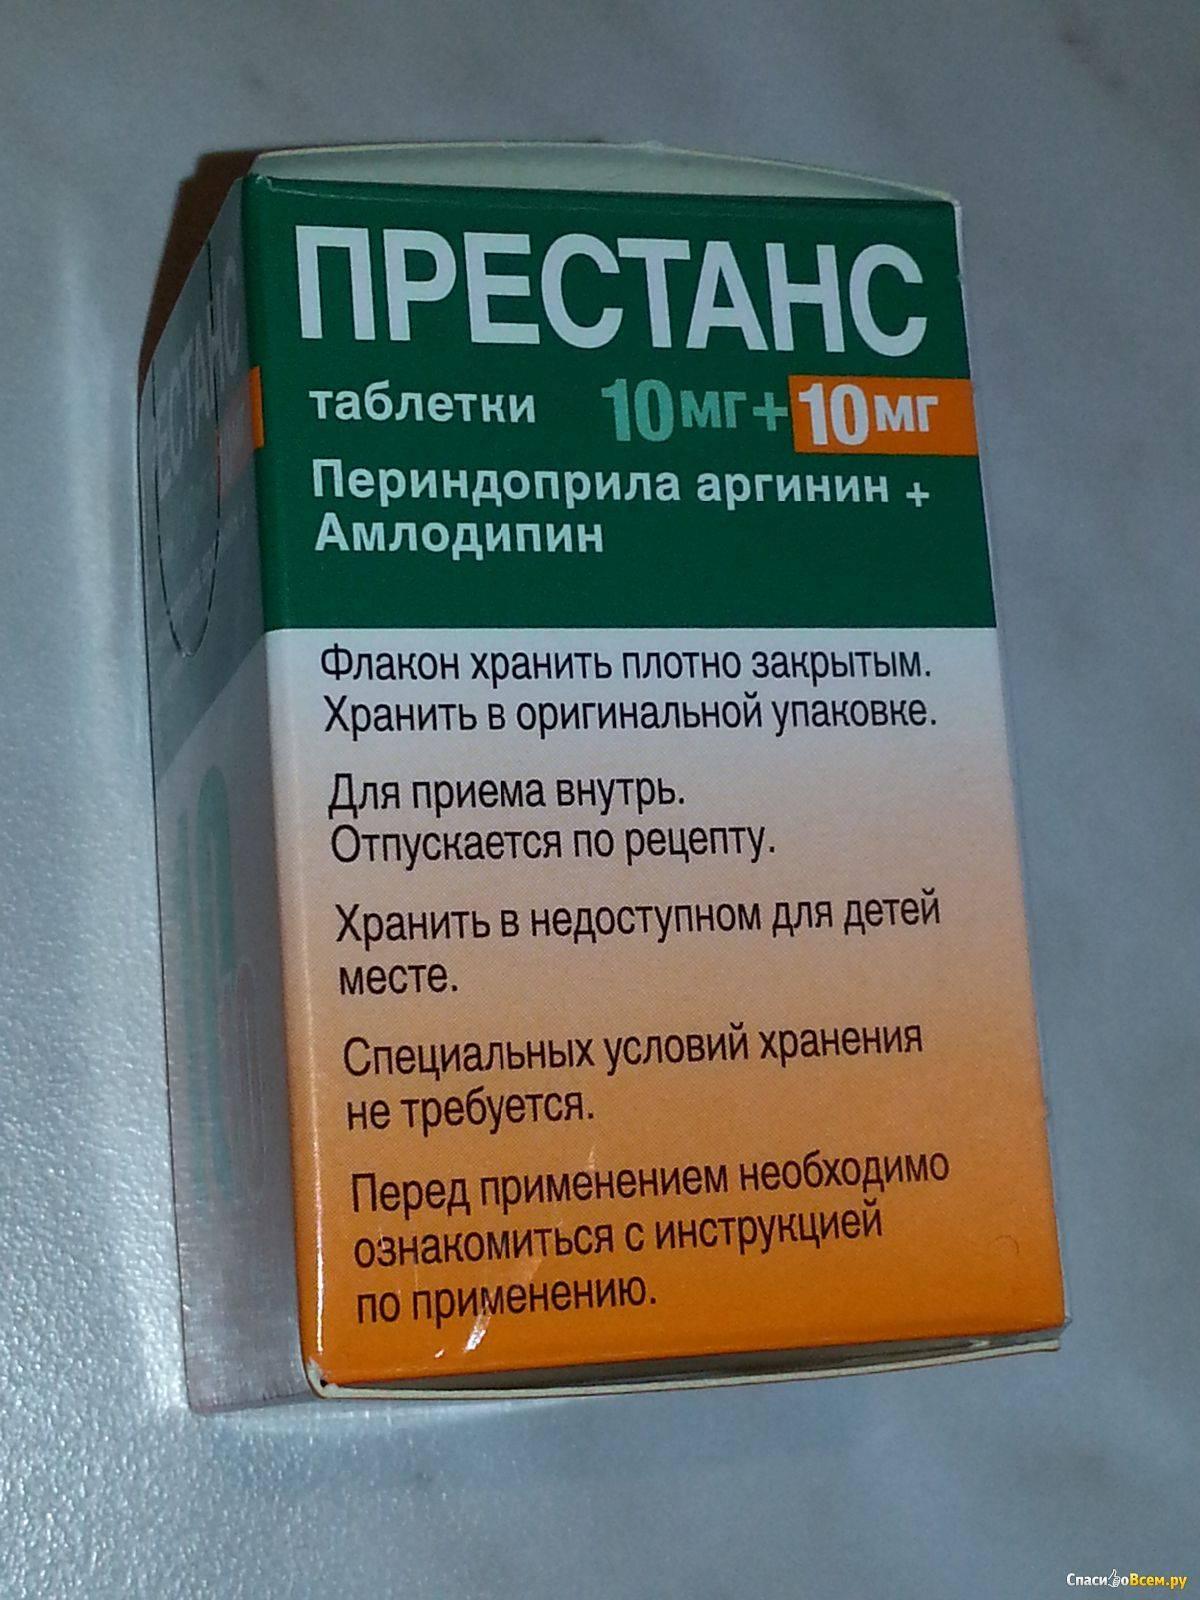 Препарат престариум: как его правильно принимать и где купить, а так же совместимость с алкоголем и другими таблетками